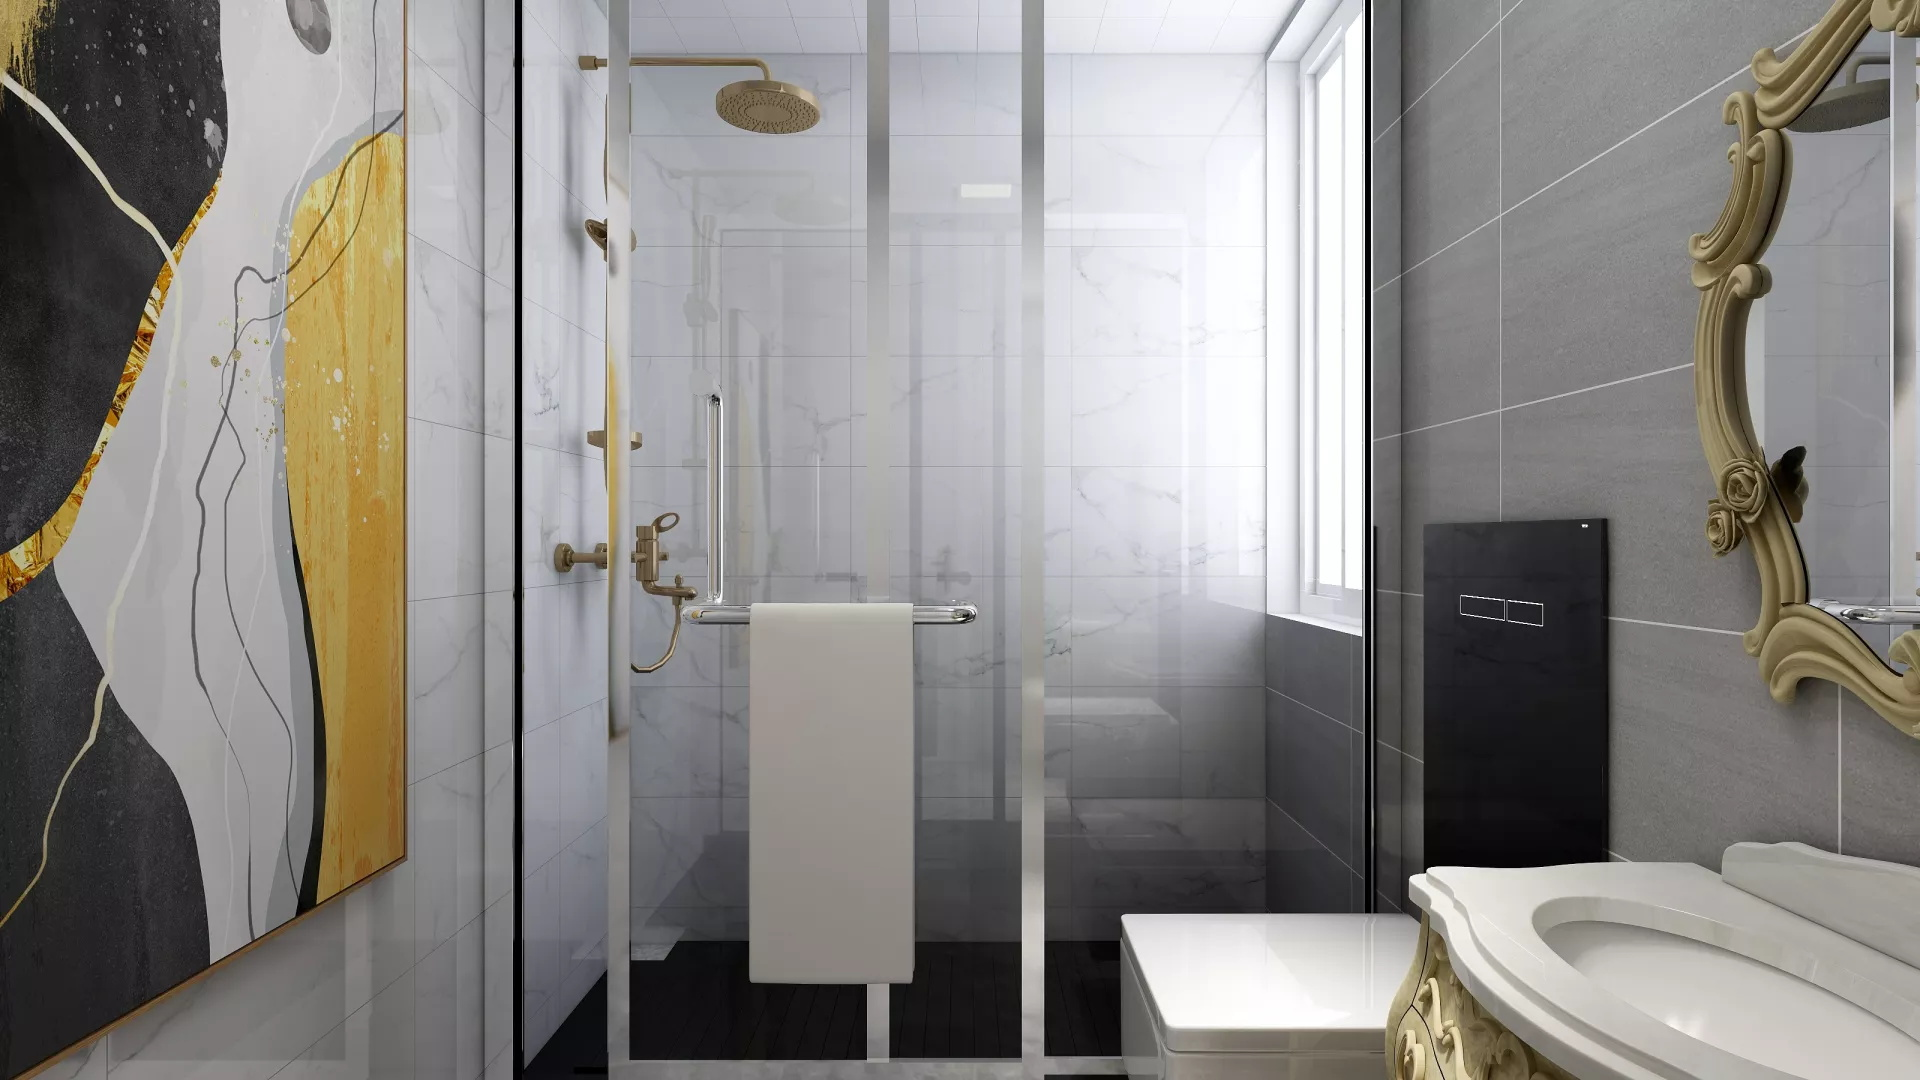 家居欧式古典风格有什么特点?欧式古典风格装修要点有哪些?